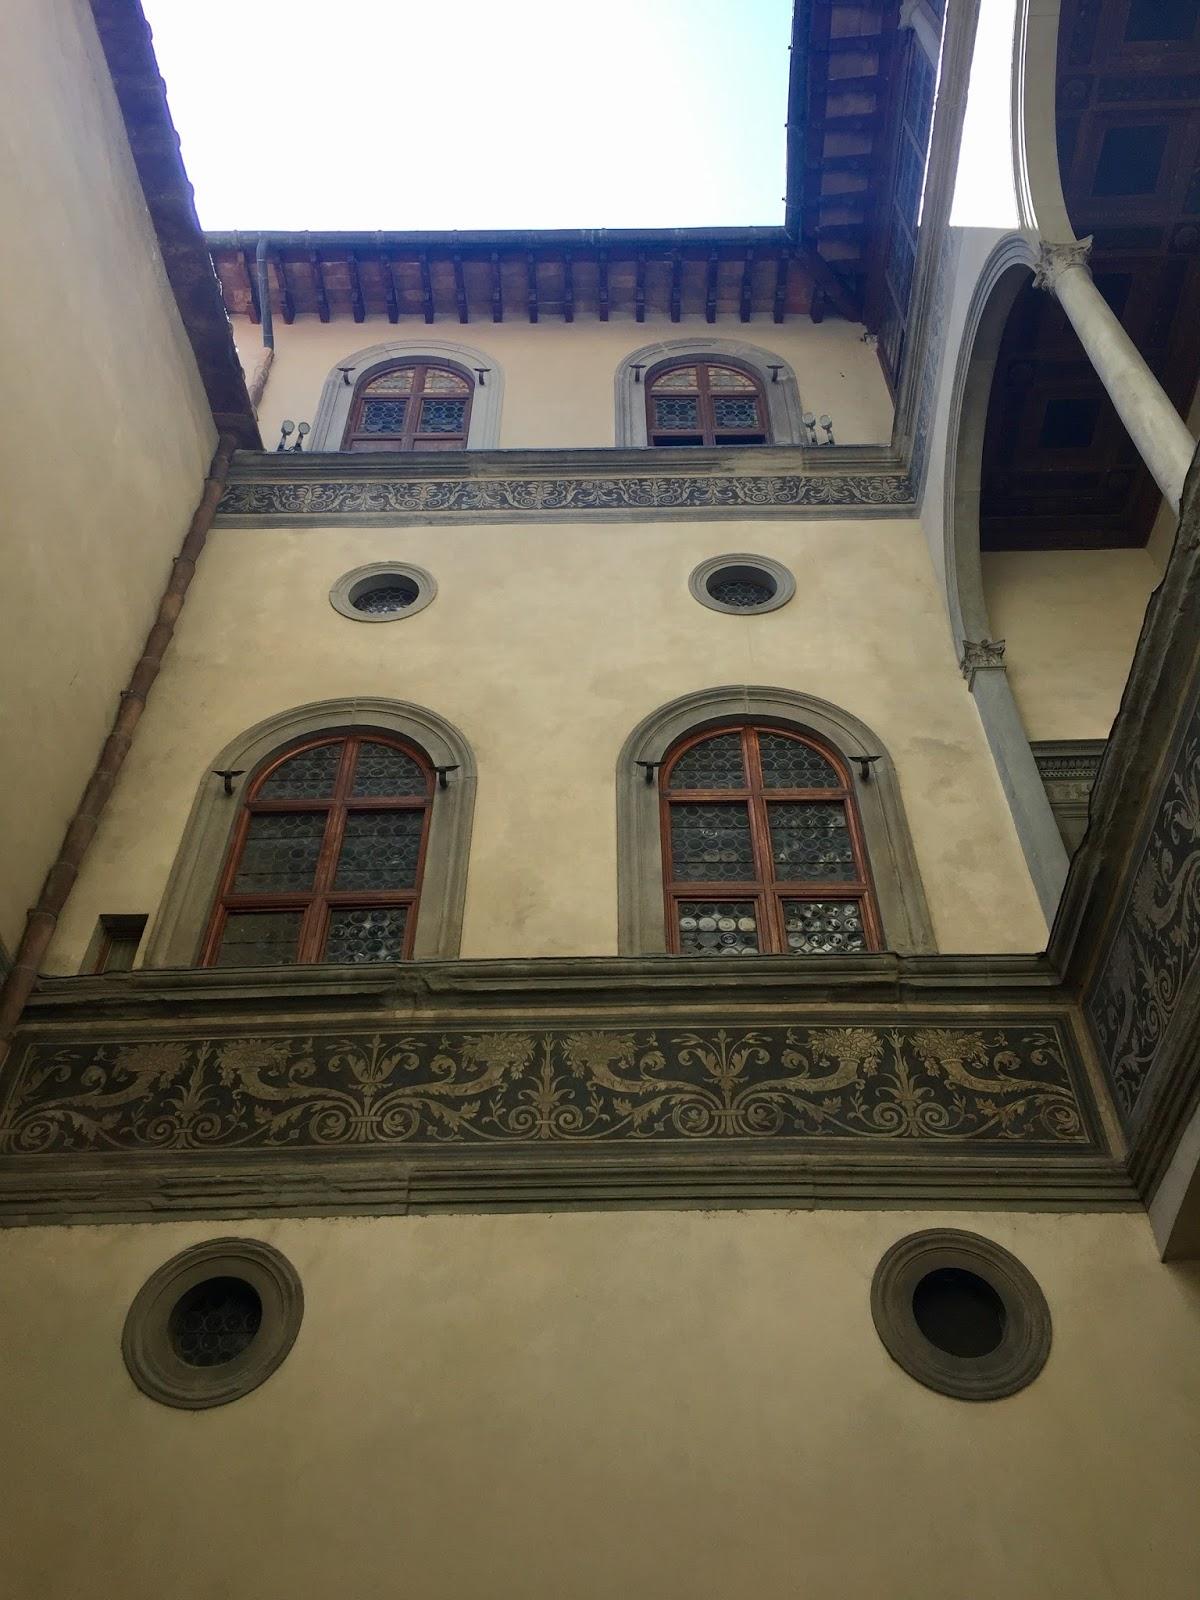 Firenze anda e rianda: Il Museo Horne, un prezioso lascito ...